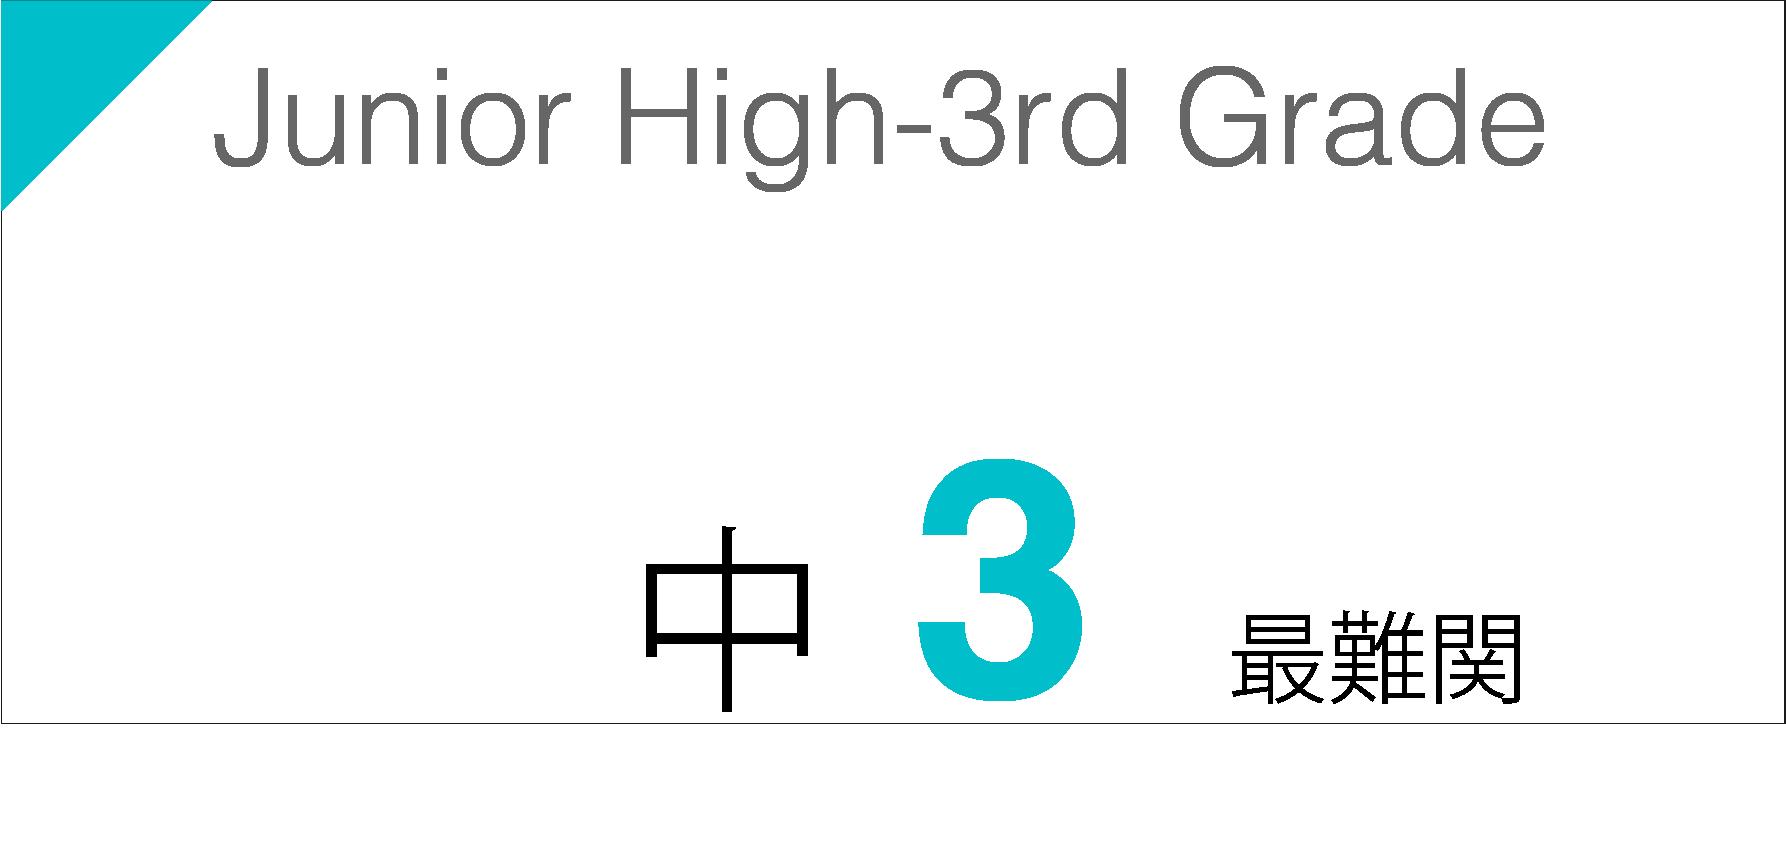 中学3年生最難関の宿題